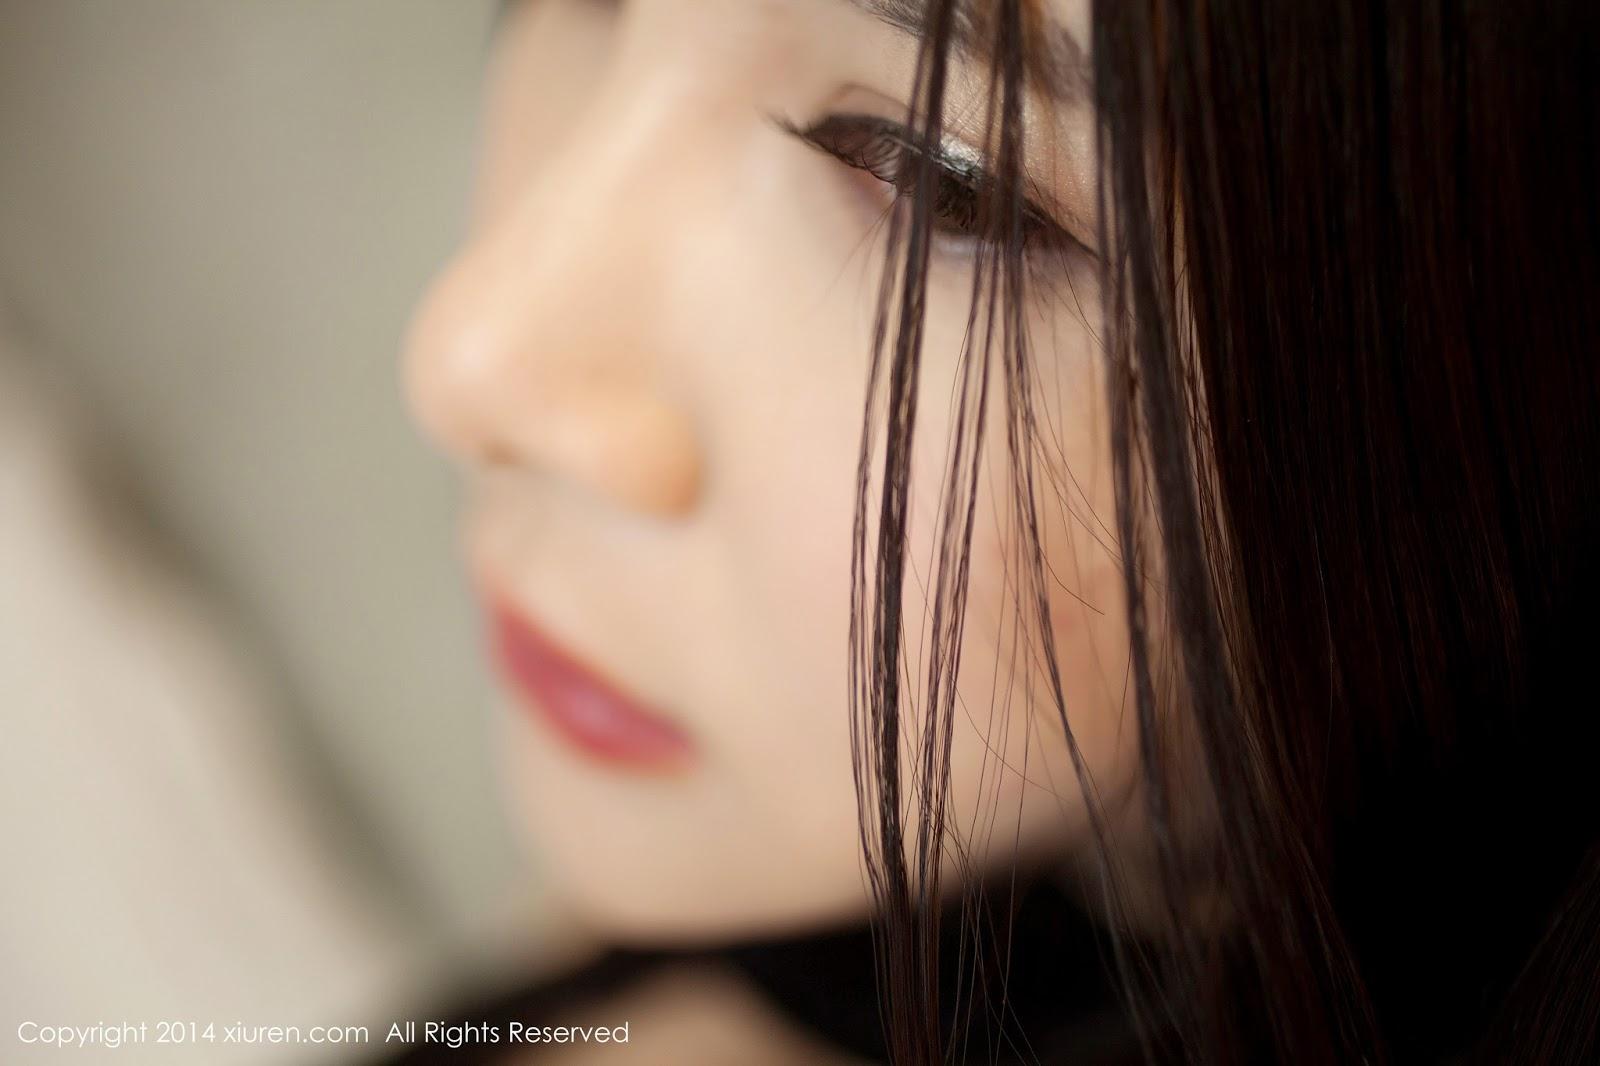 Ugirls - Vol.125 Gu Xin Yi (65 pics) - Asian Beauty Image